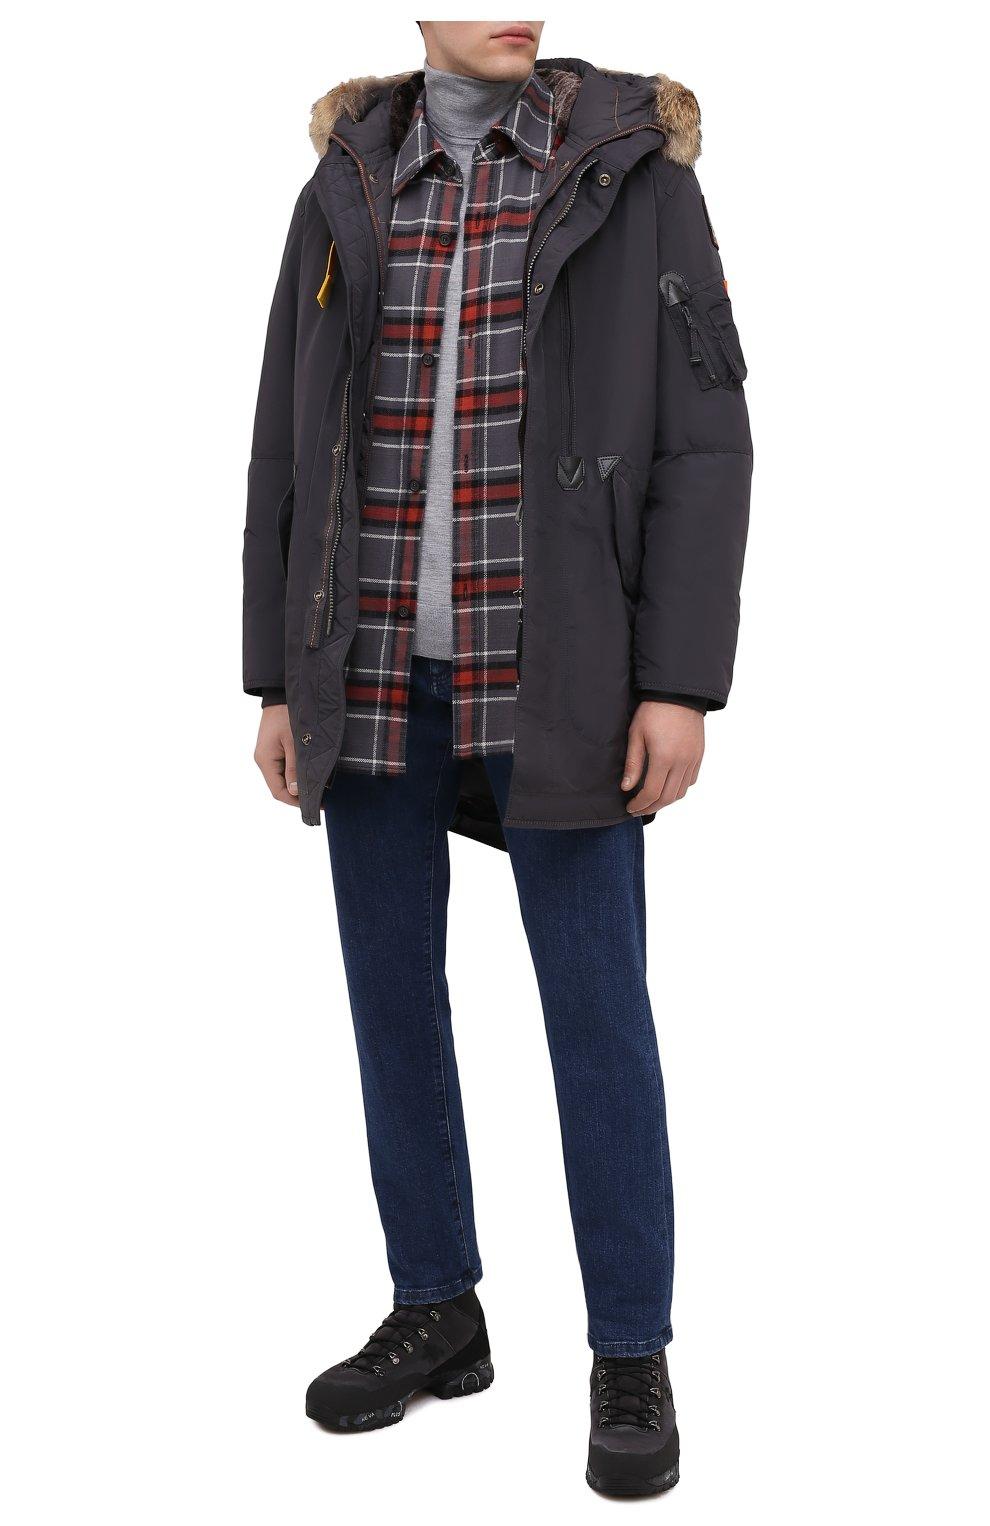 Мужская пуховая парка tank с меховой отделкой PARAJUMPERS темно-серого цвета, арт. MA07/TANK   Фото 2 (Кросс-КТ: Куртка, Пуховик; Мужское Кросс-КТ: пуховик-короткий, Пуховик-верхняя одежда, Верхняя одежда; Рукава: Длинные; Длина (верхняя одежда): До середины бедра; Материал внешний: Синтетический материал; Стили: Спорт-шик; Материал подклада: Синтетический материал; Материал утеплителя: Пух и перо)